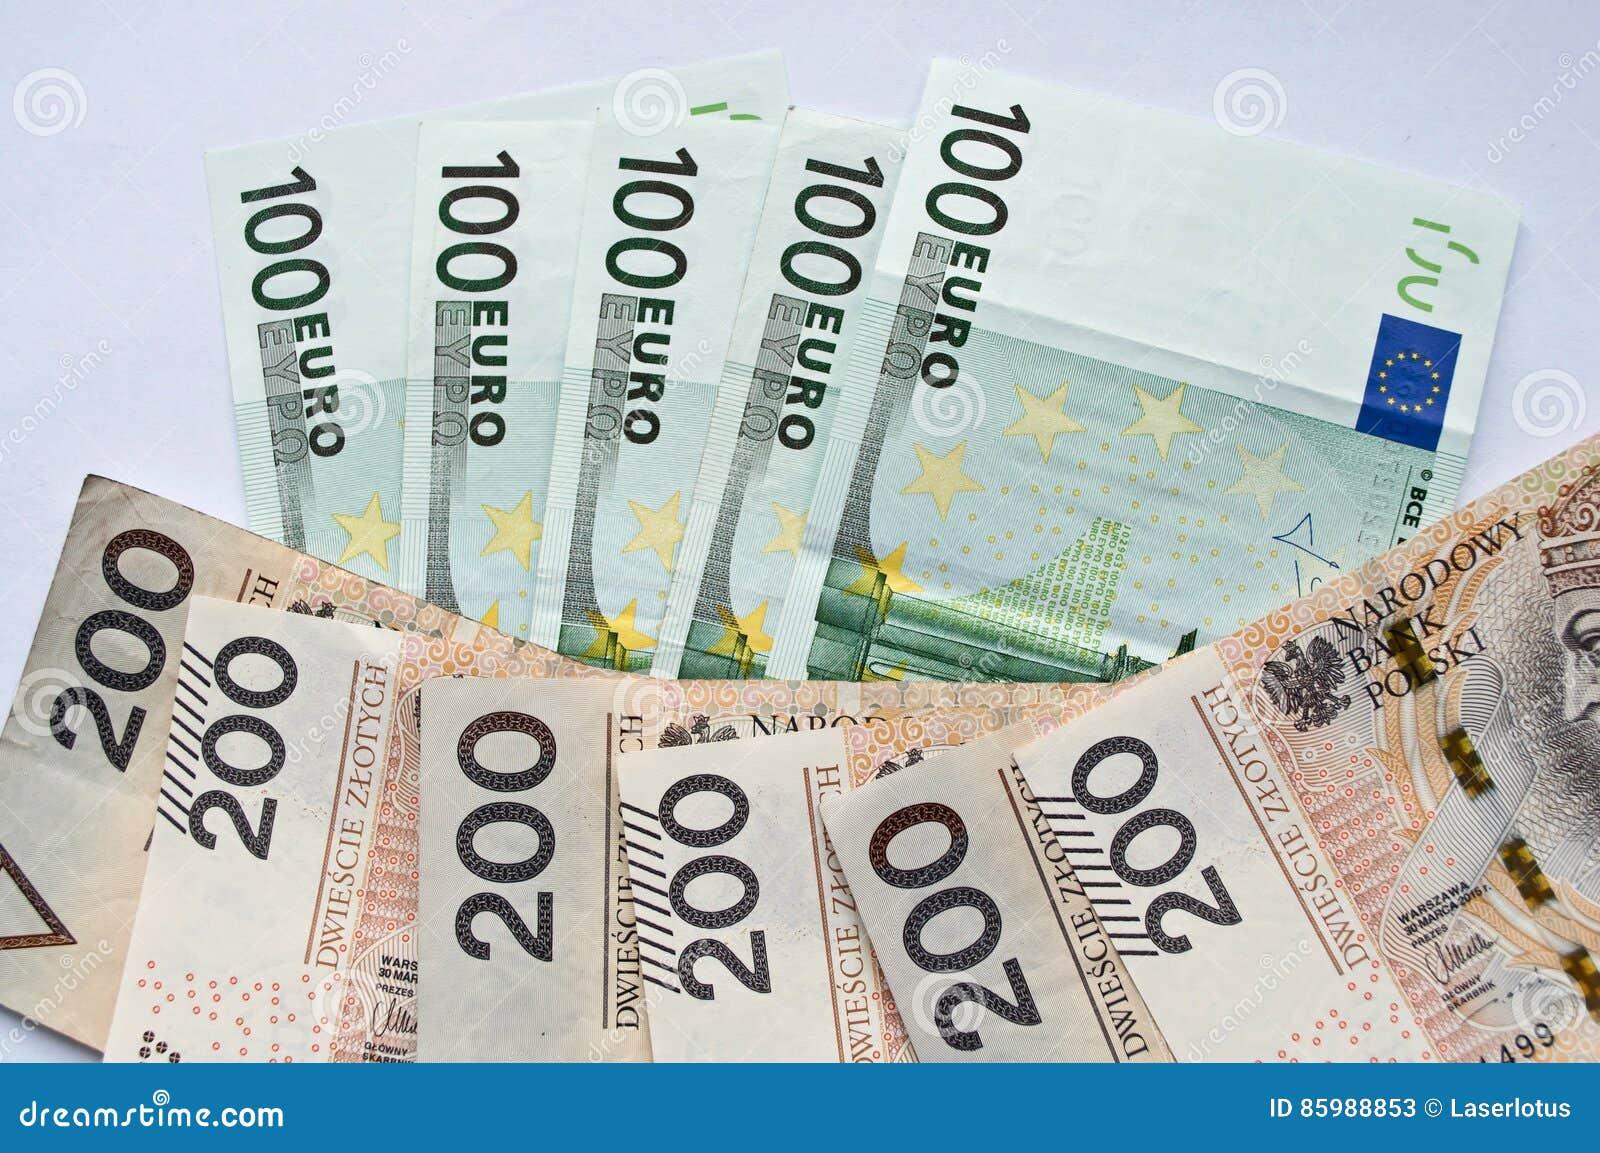 499 dollar to euro